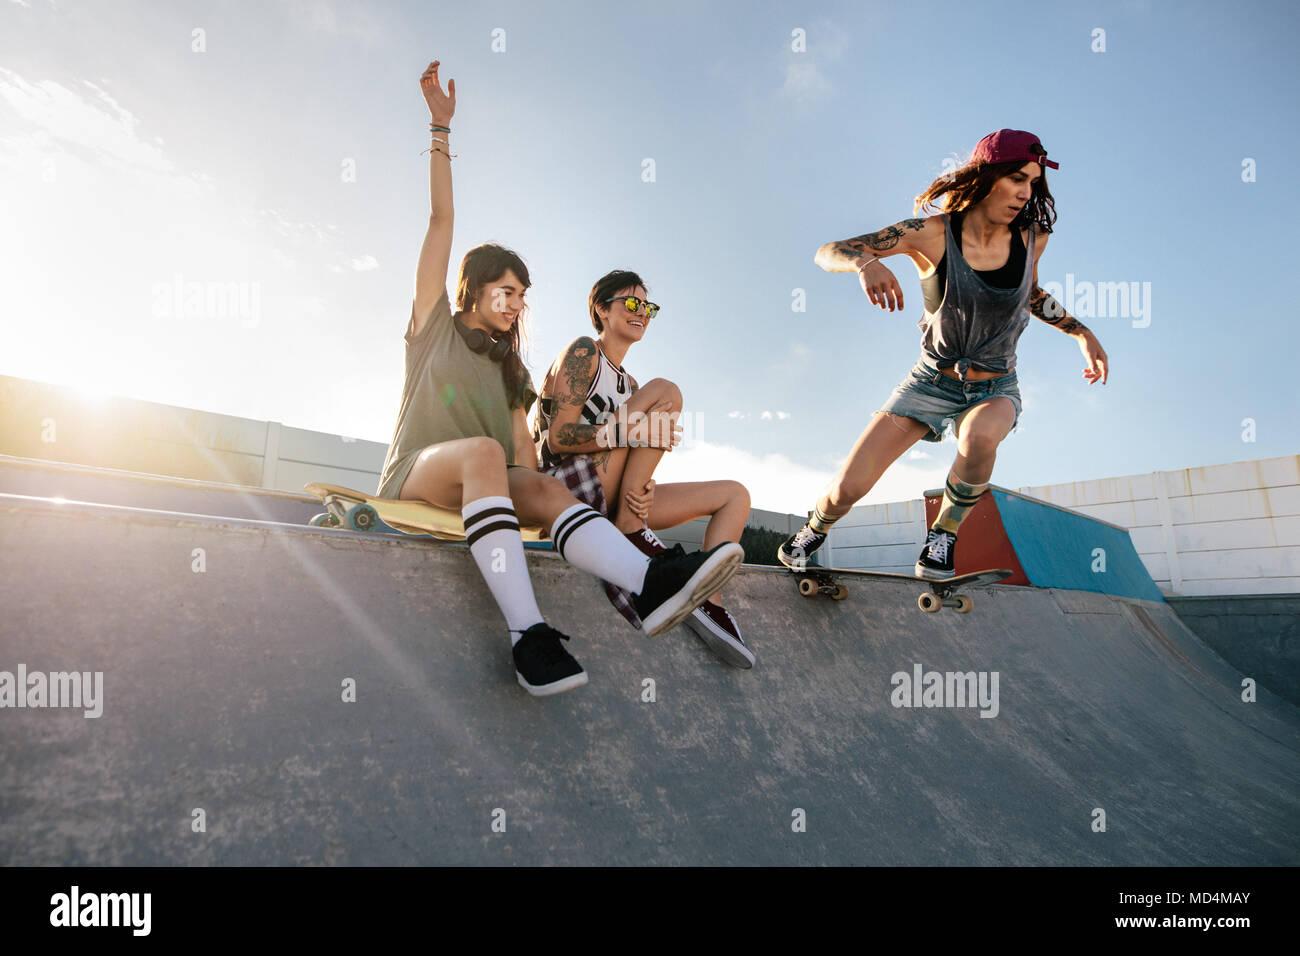 Dos jóvenes mujeres sentadas en patinaje rampa con una chica que practica  el skateboarding. Skateboarding 582b28d9972